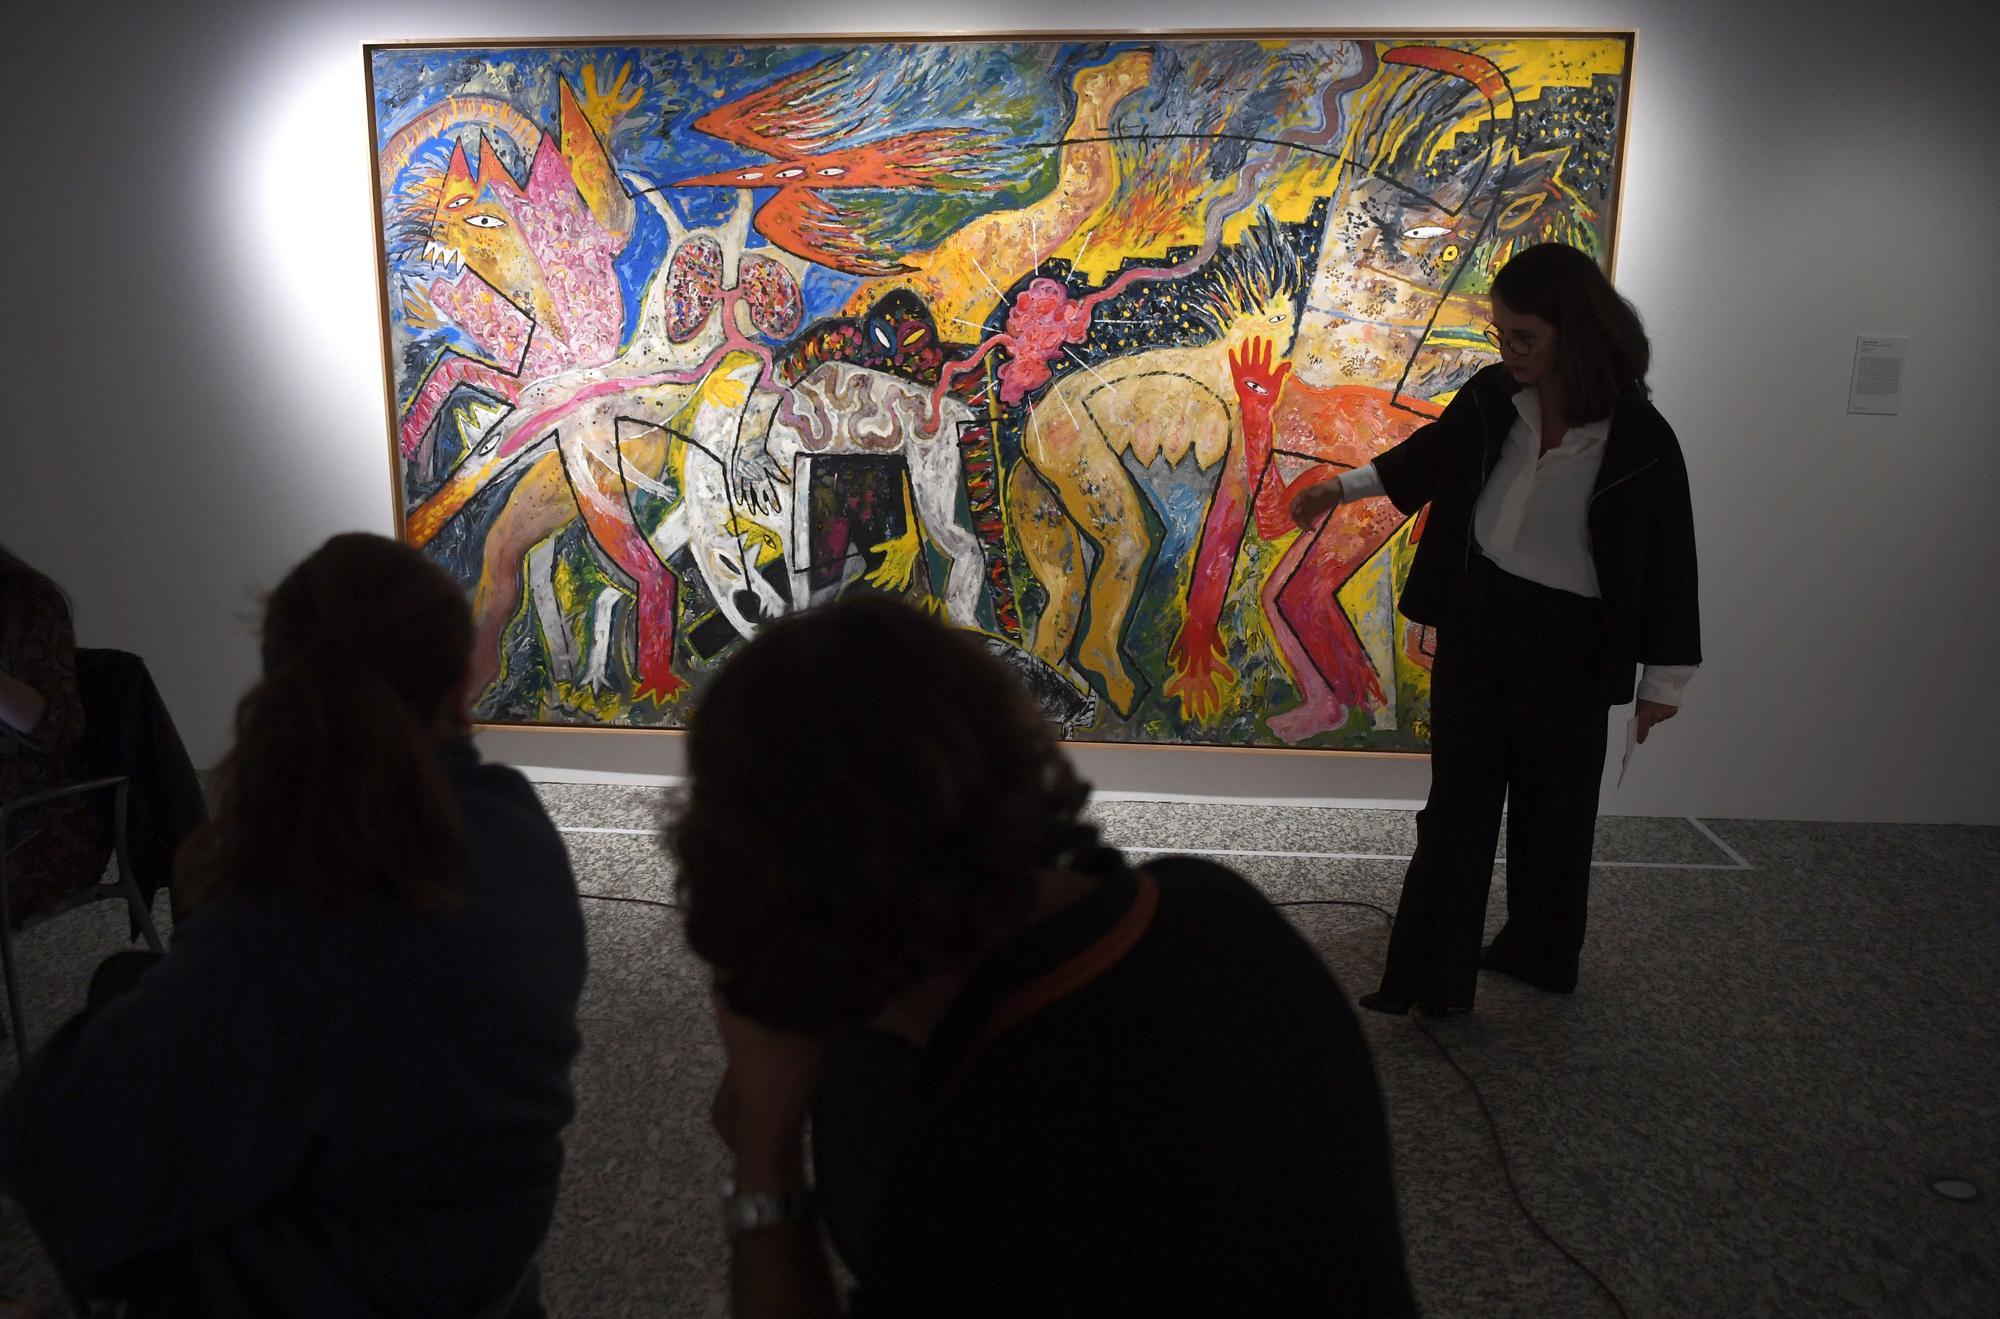 La exposición 'Humano, más humano' llega a la Fundación Barrié de A Coruña